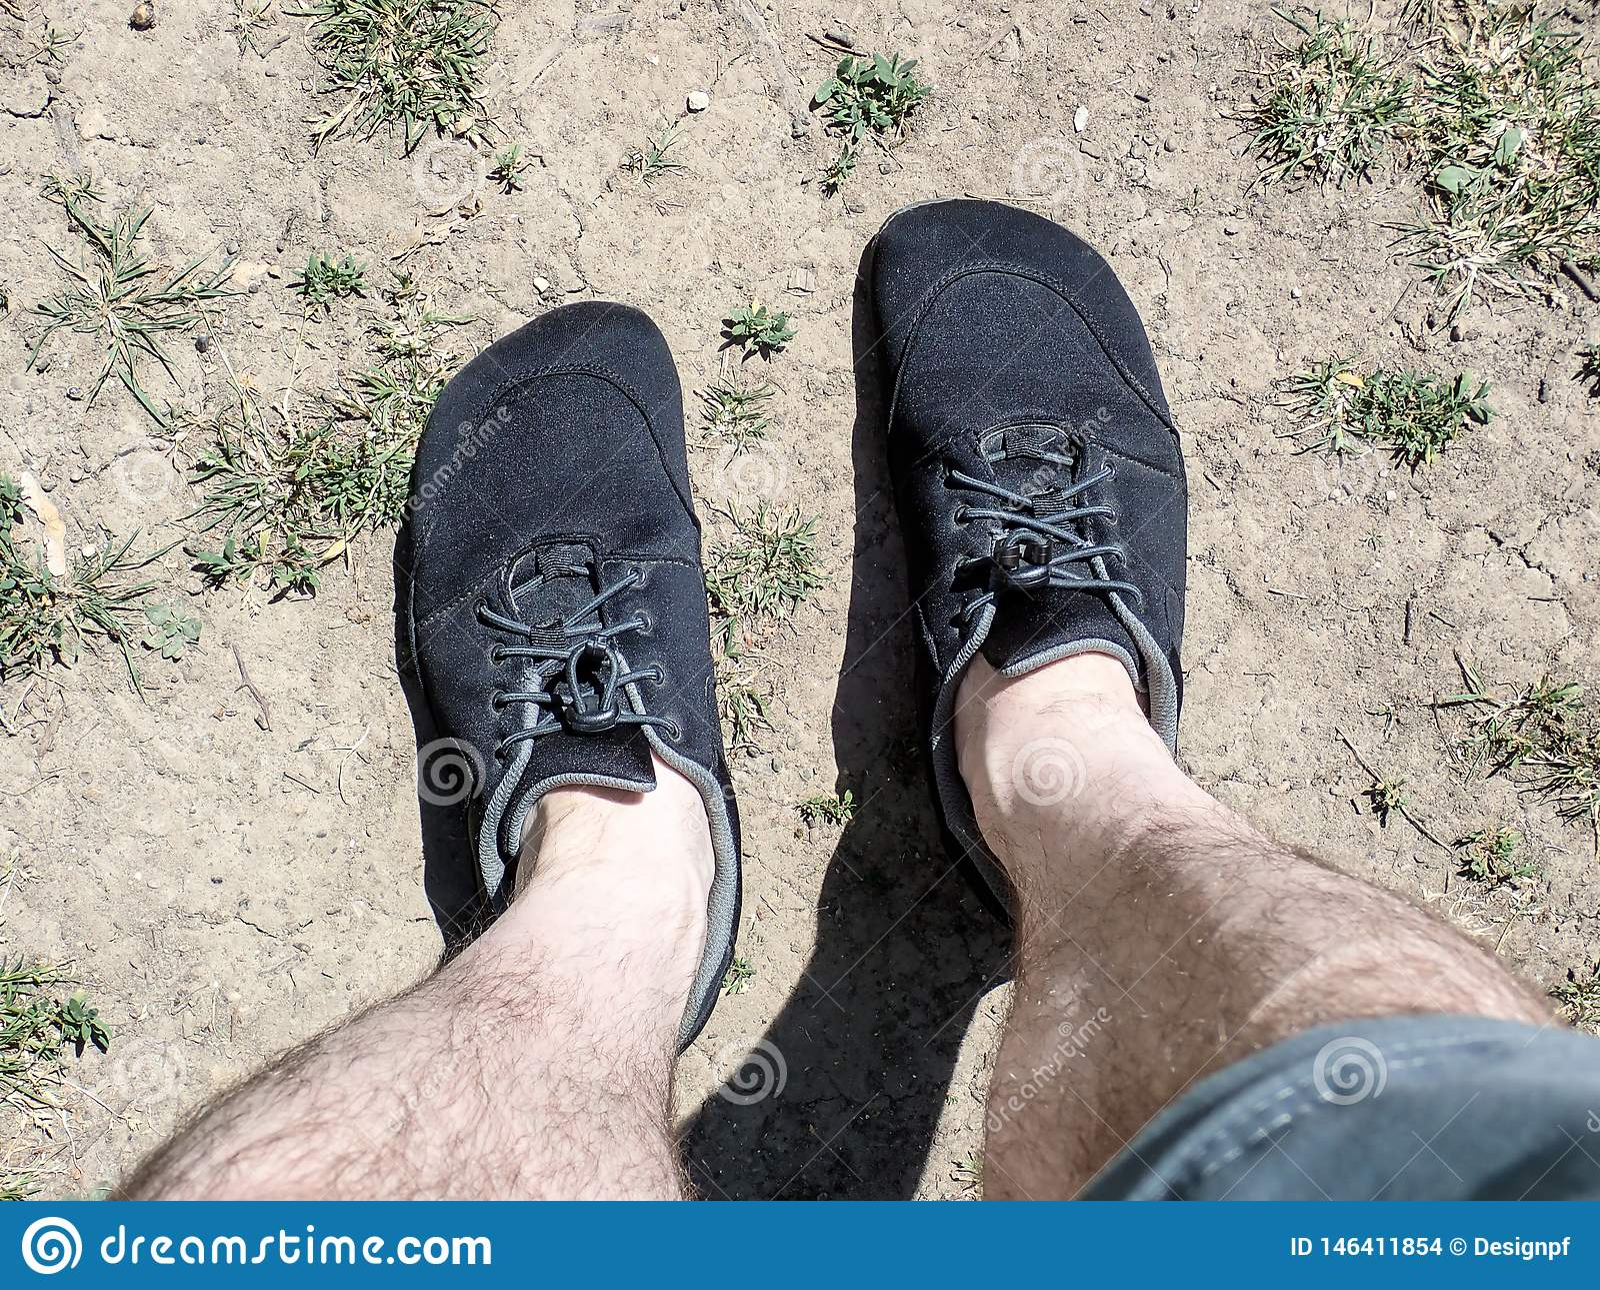 Chaussures aux pieds nus portées avec des shorts et des jambes nues